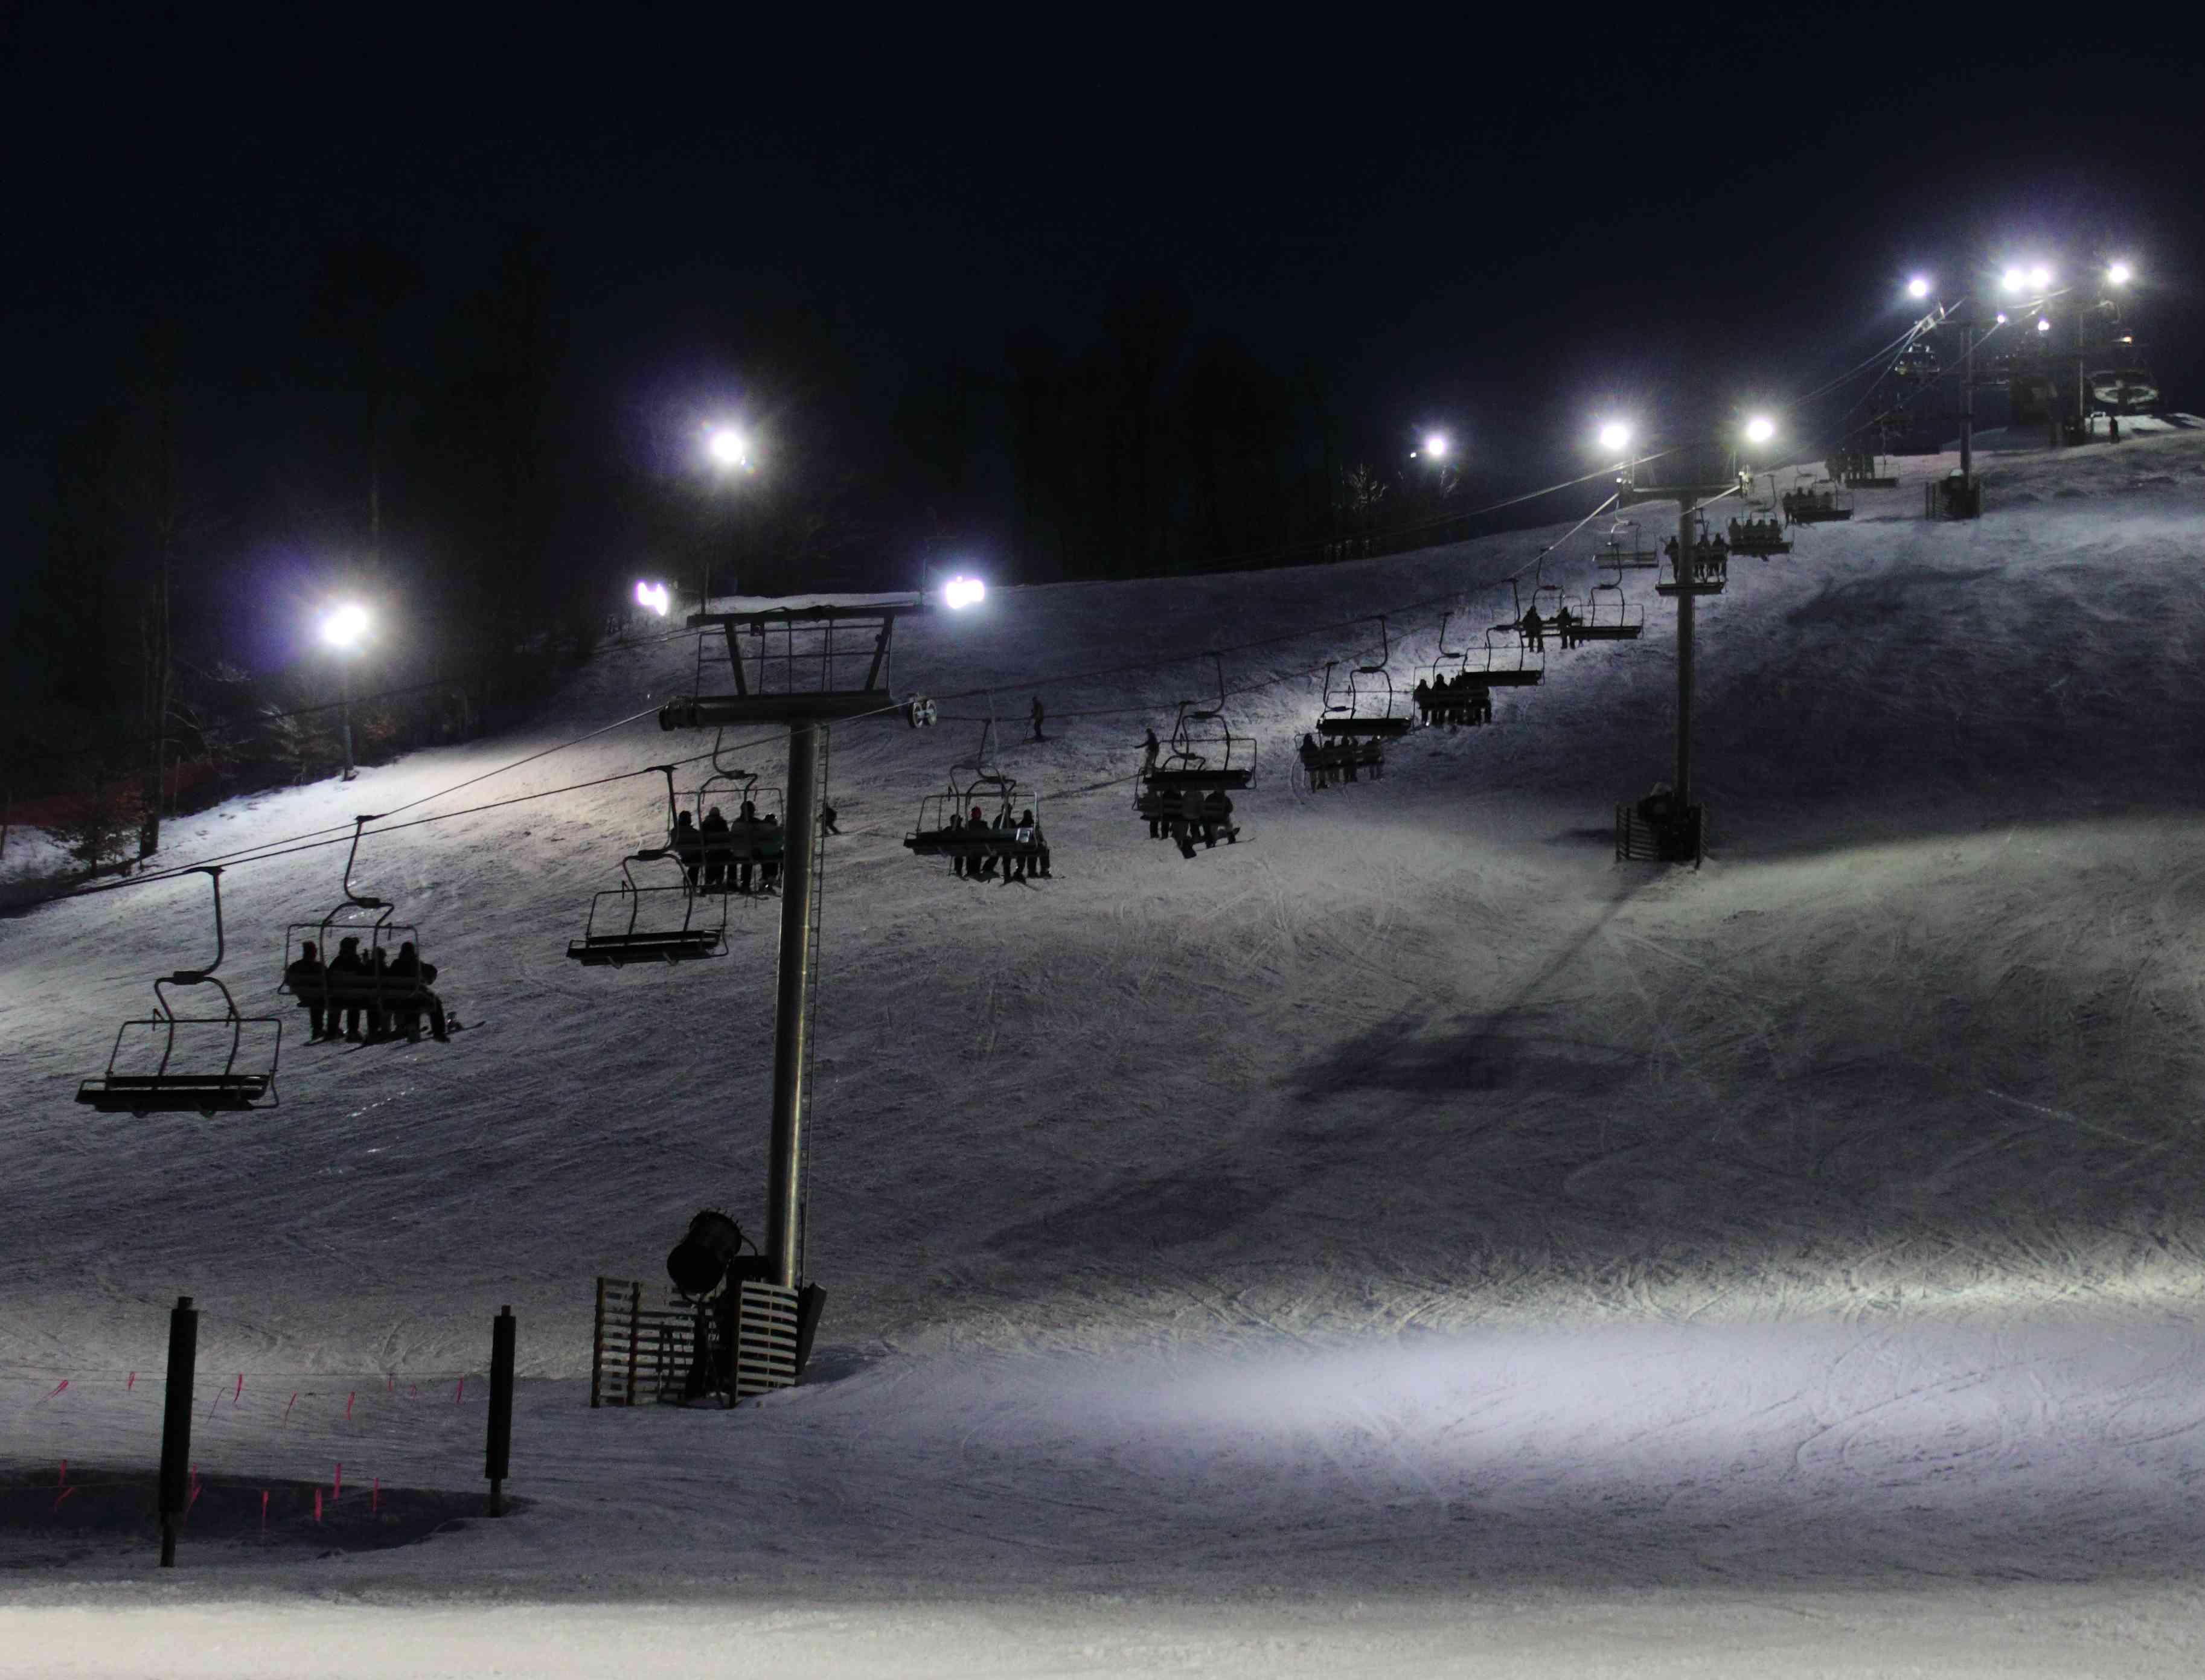 Winter Ski Slope at Night